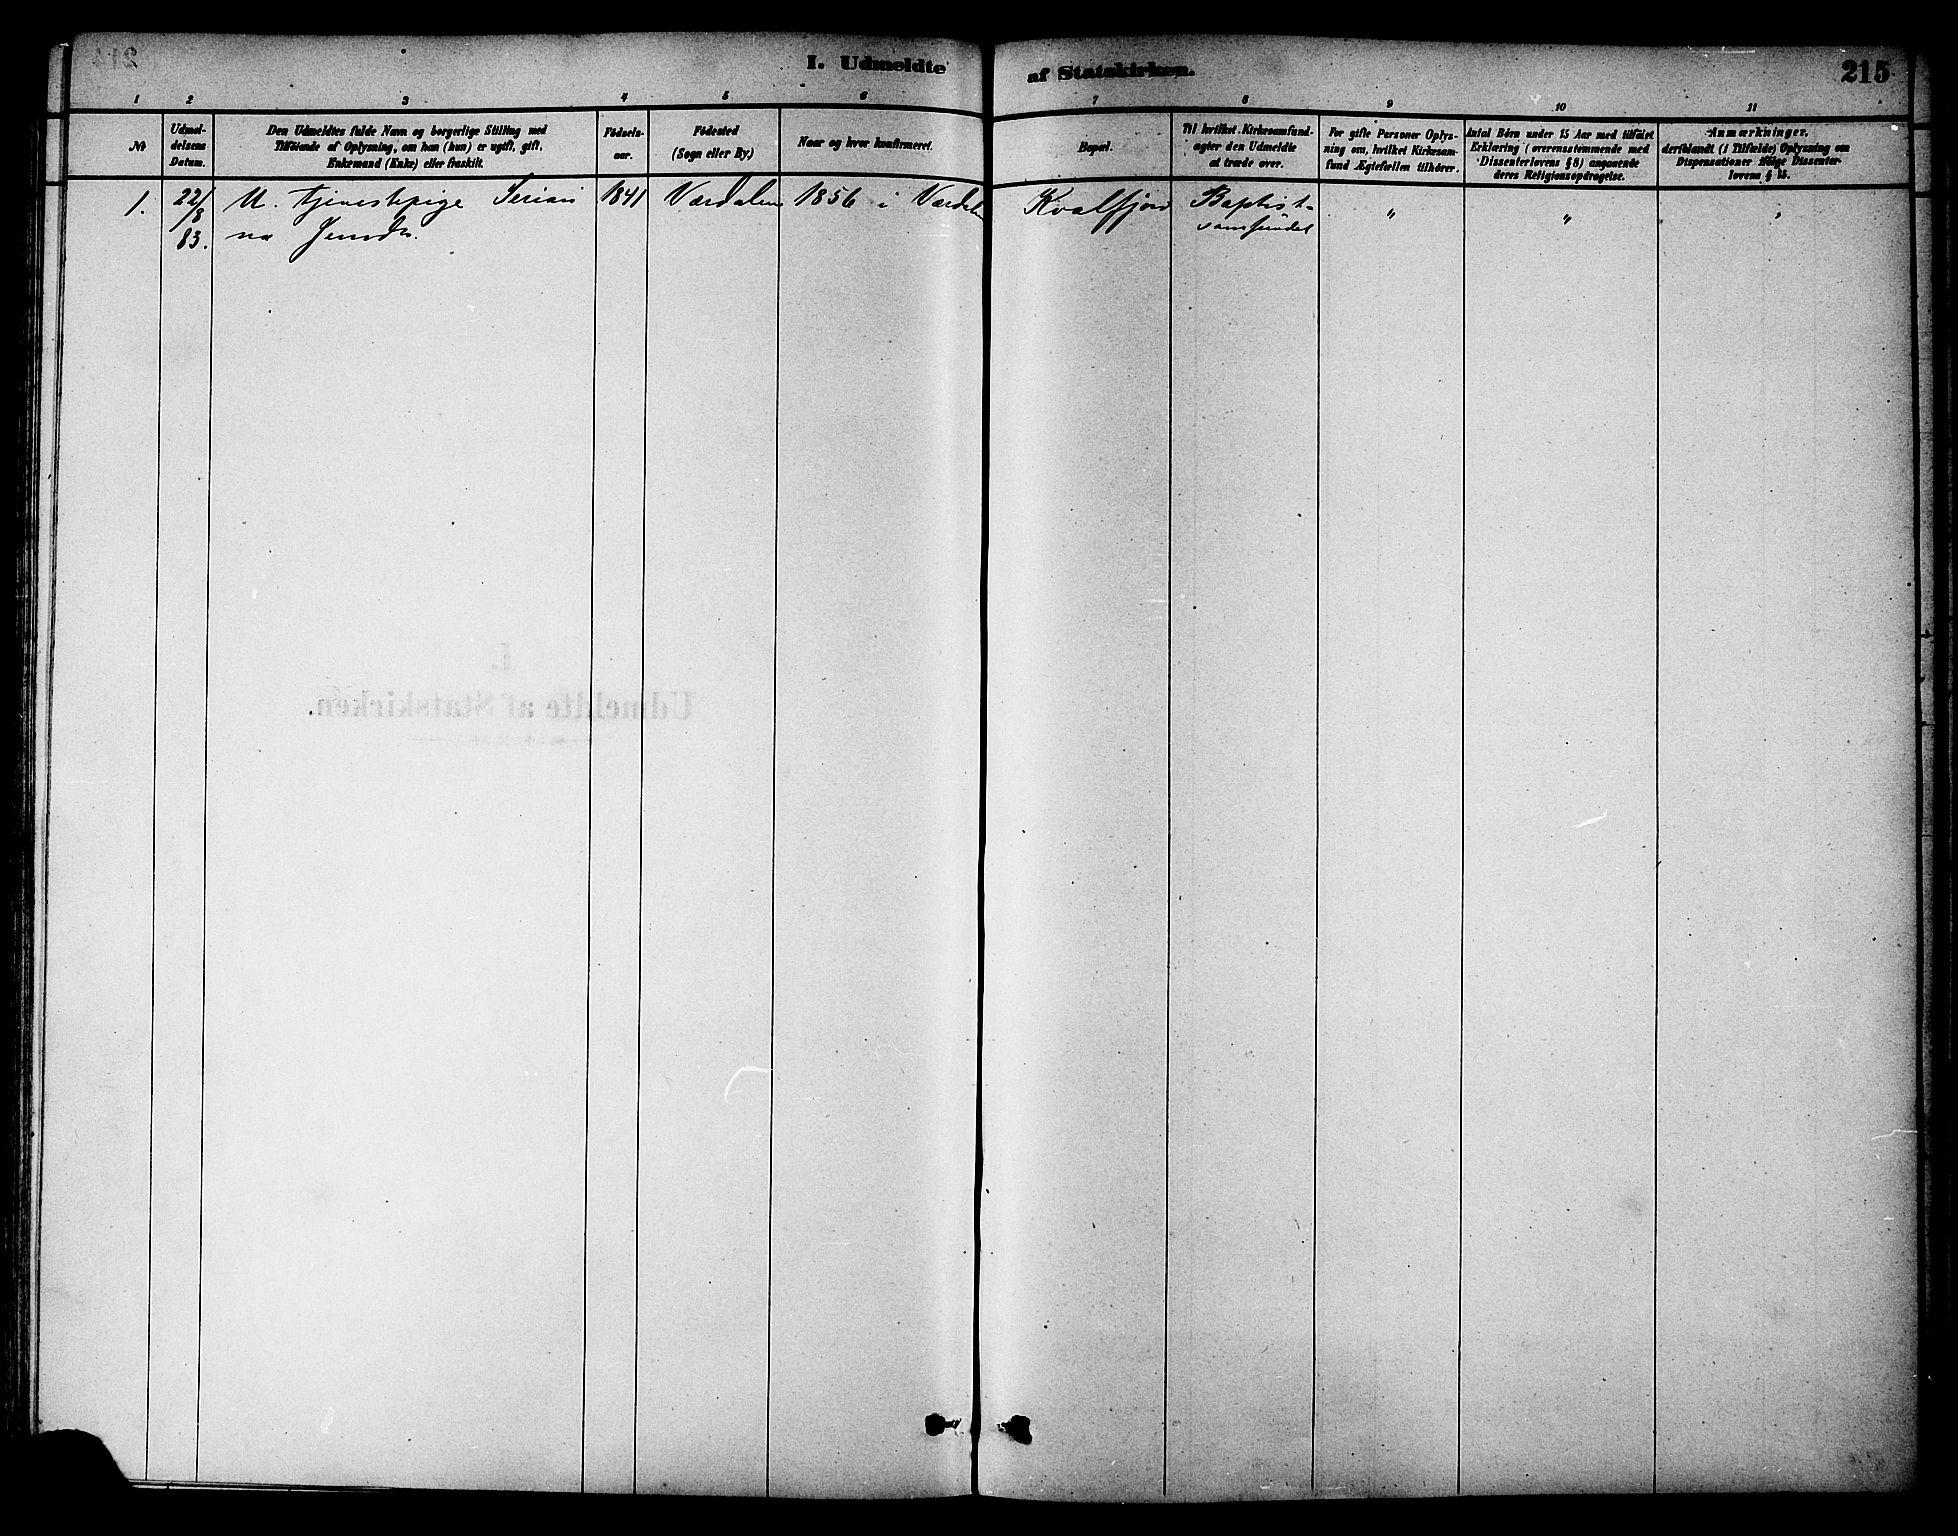 SAT, Ministerialprotokoller, klokkerbøker og fødselsregistre - Nord-Trøndelag, 784/L0672: Ministerialbok nr. 784A07, 1880-1887, s. 215